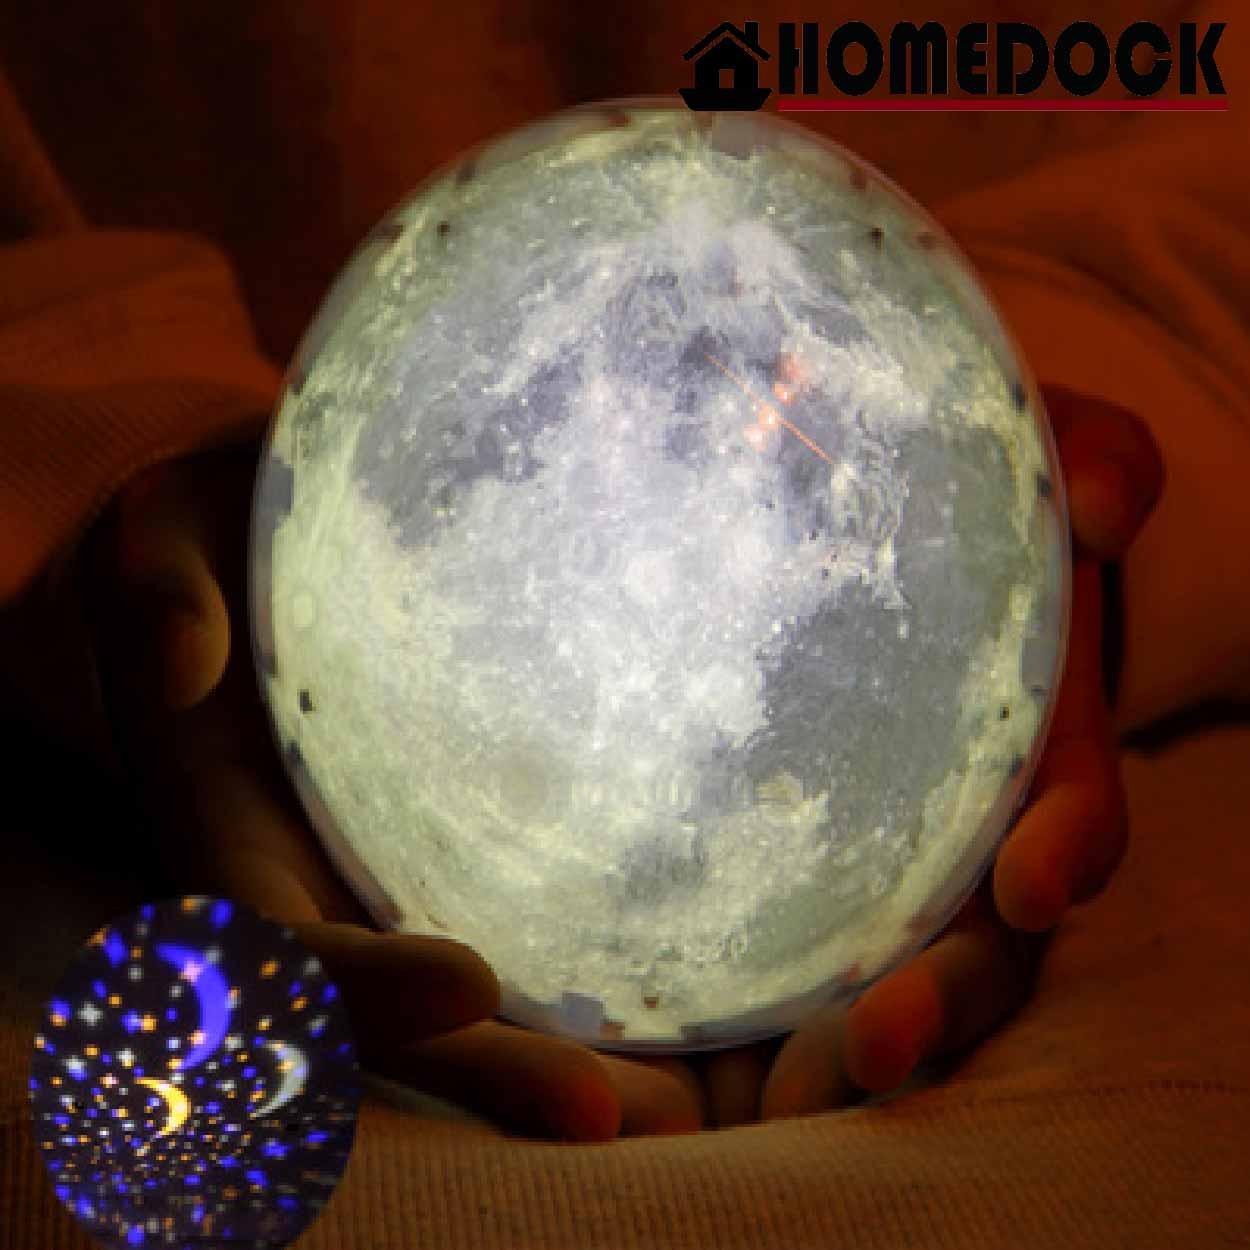 HOMEDOCK-LED旋轉星空投影小夜燈 /床頭燈/投影燈/星空/宇宙/月球/投射燈